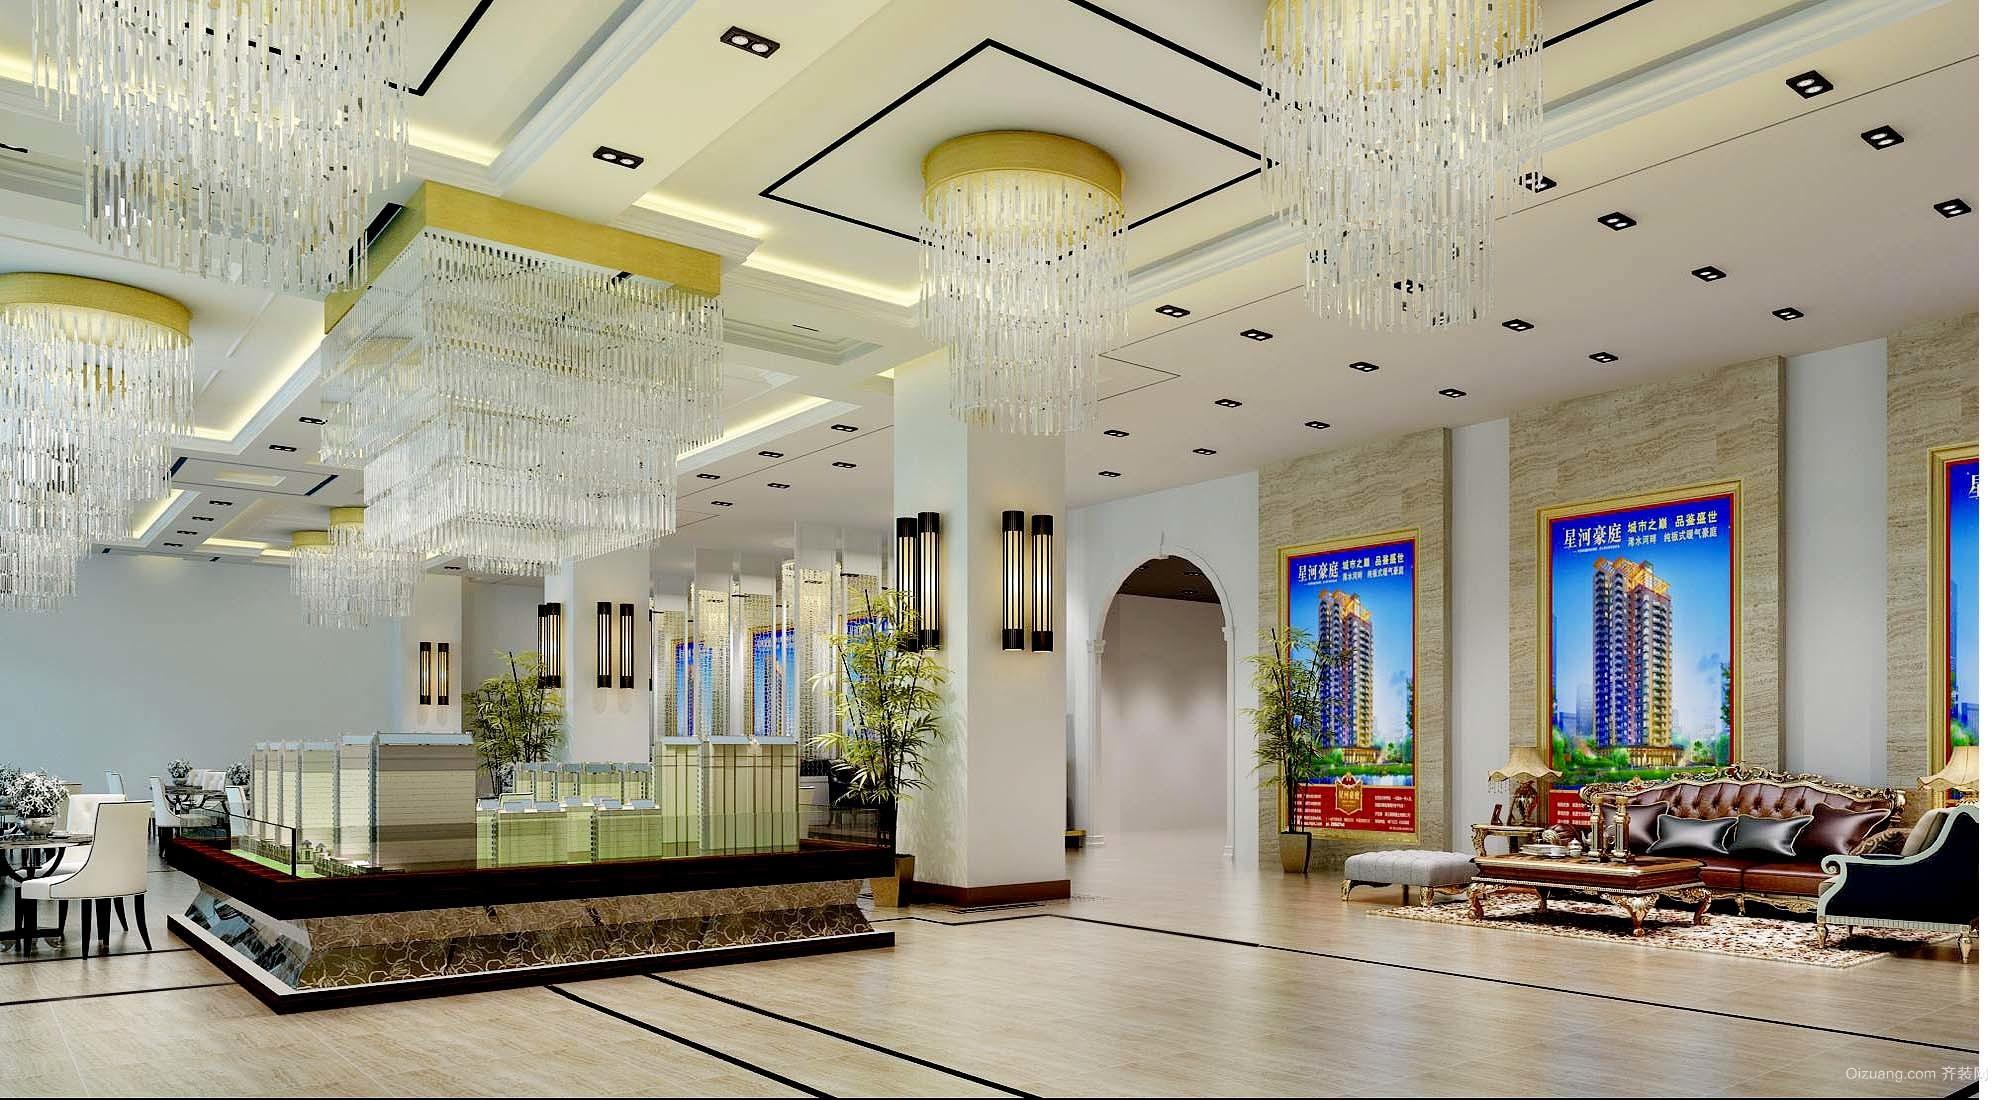 传媒大厦混搭风格装修效果图实景图